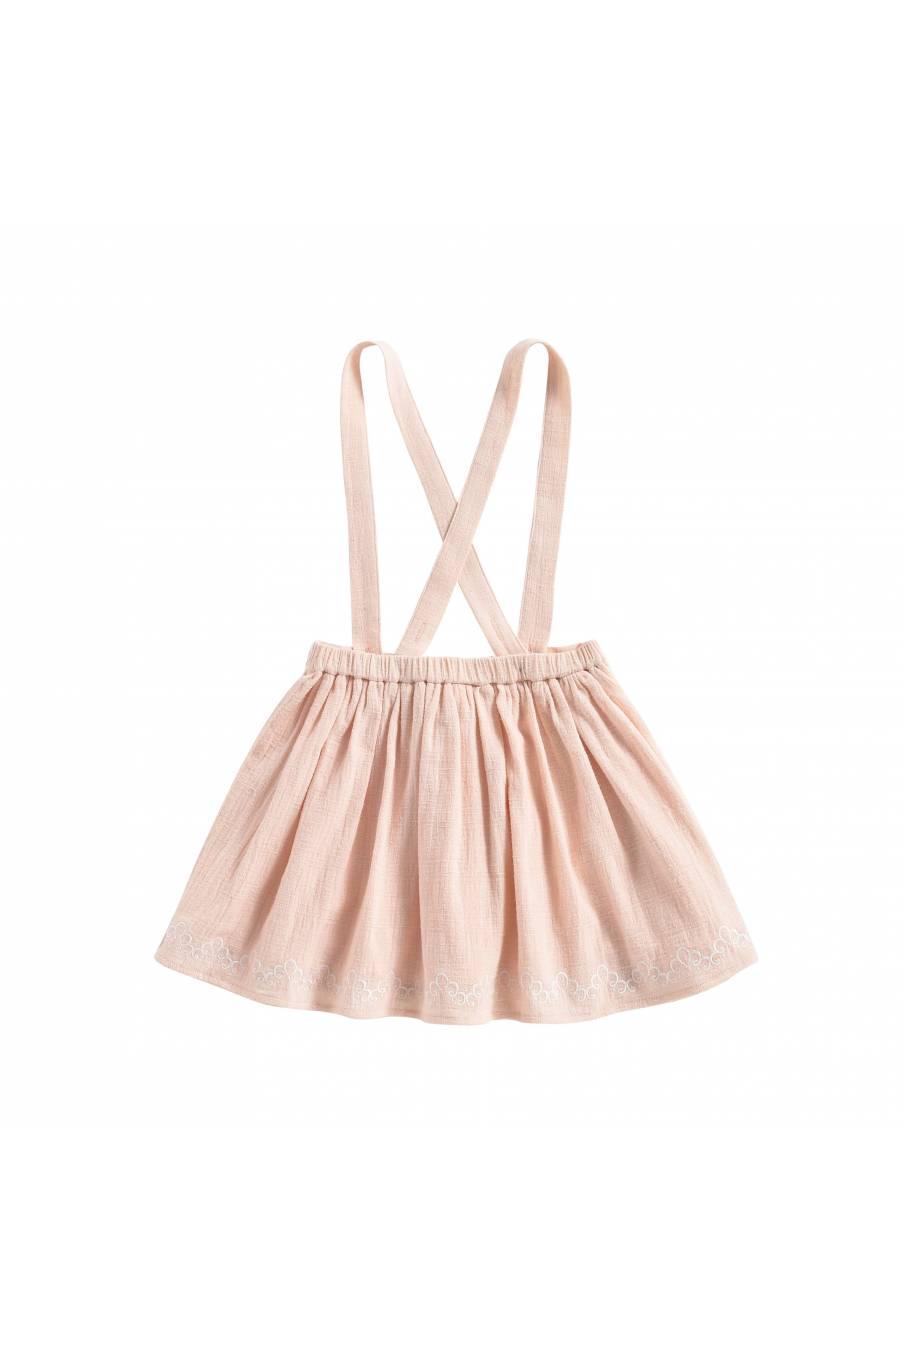 Skirt Riola Blush